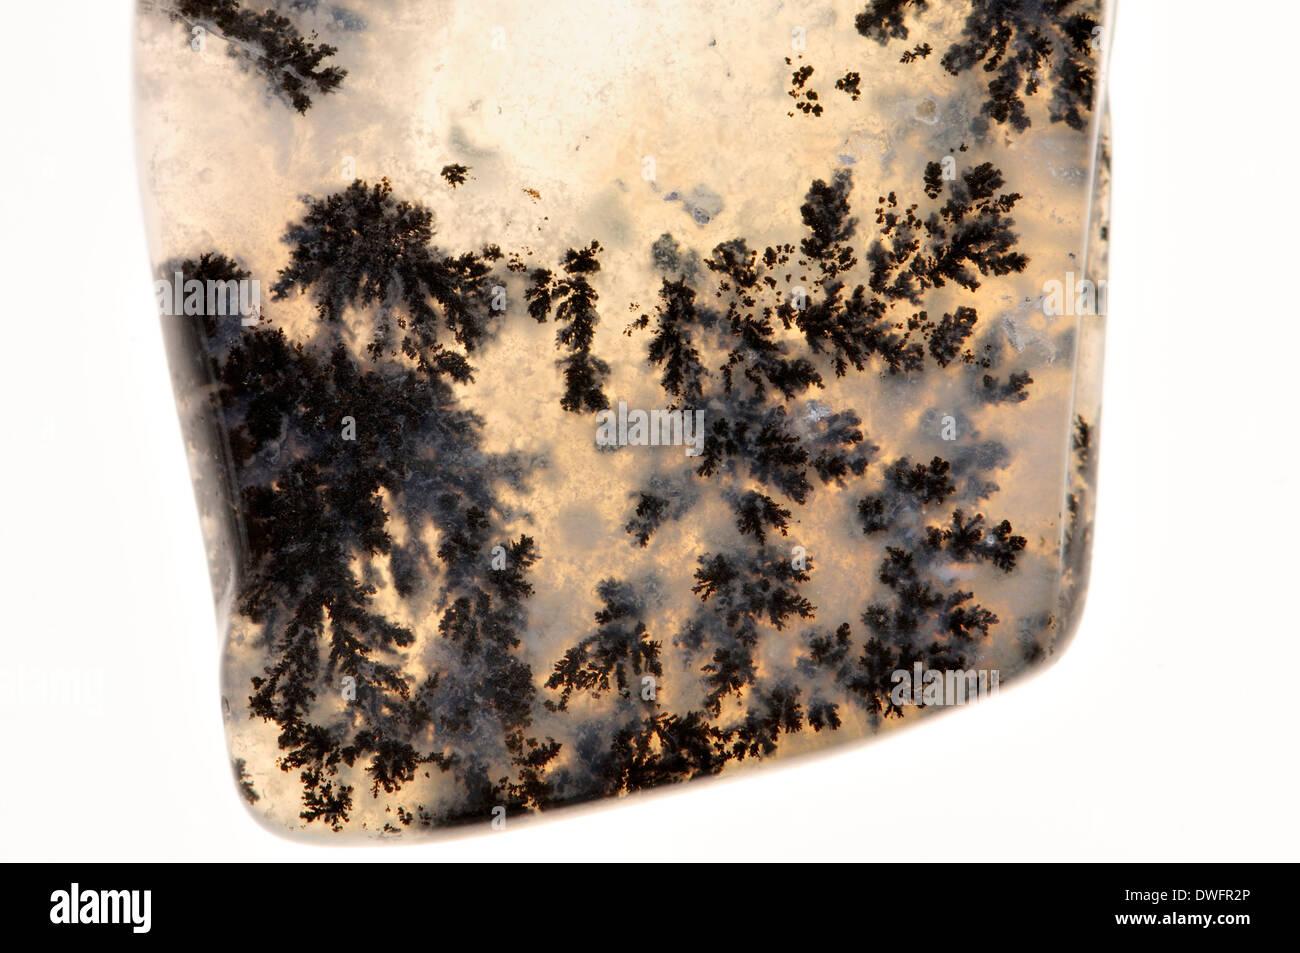 Quartz dendritique - quartz translucide contenant des dendrites de manganèse Photo Stock